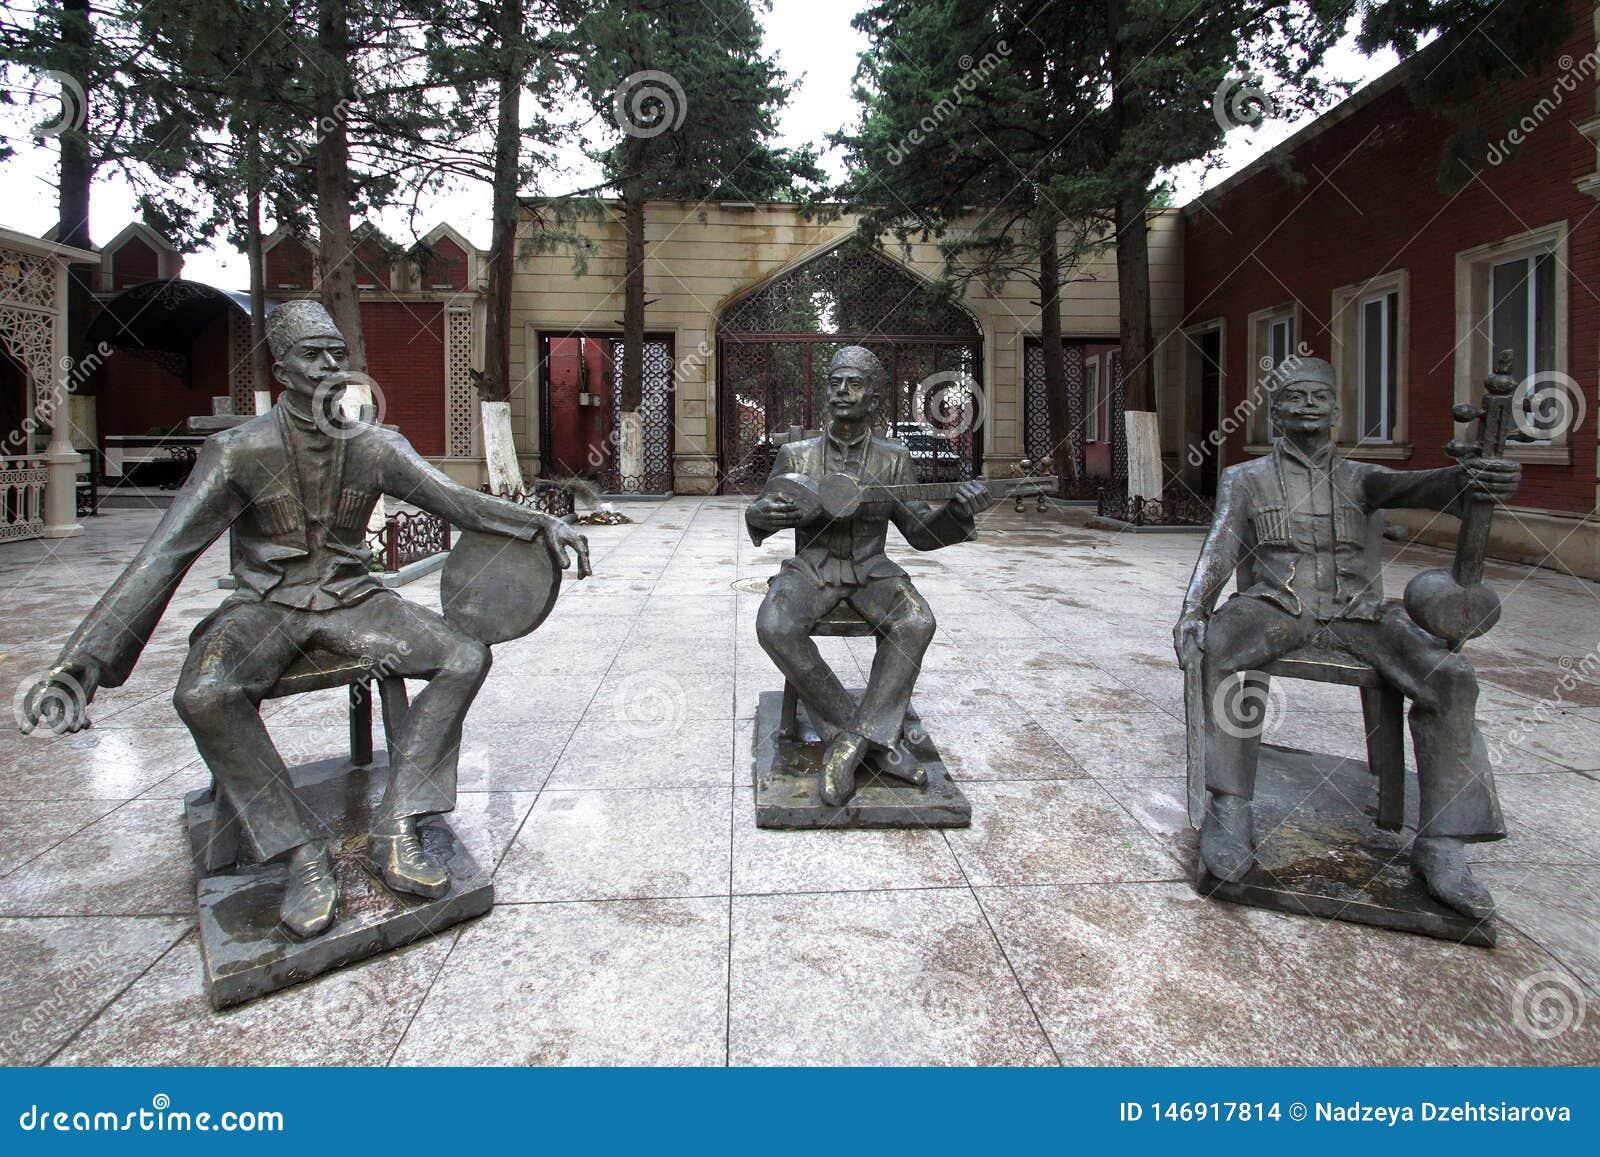 Rzeźbiona grupa w centrum miasto